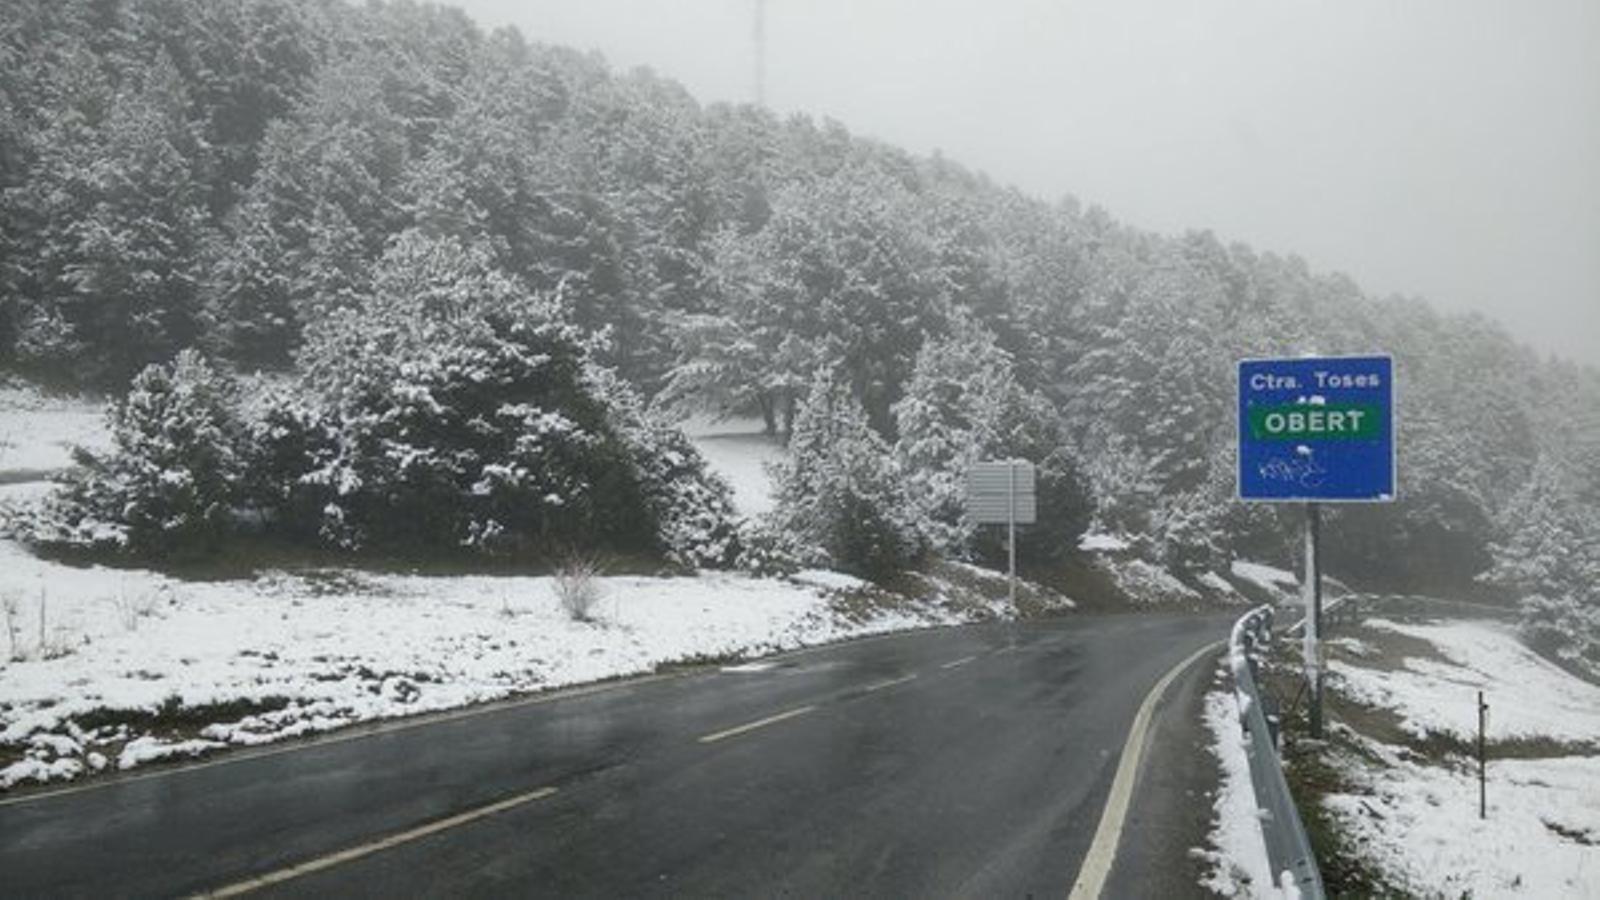 Pluja i neu, sobretot a les comarques més seques